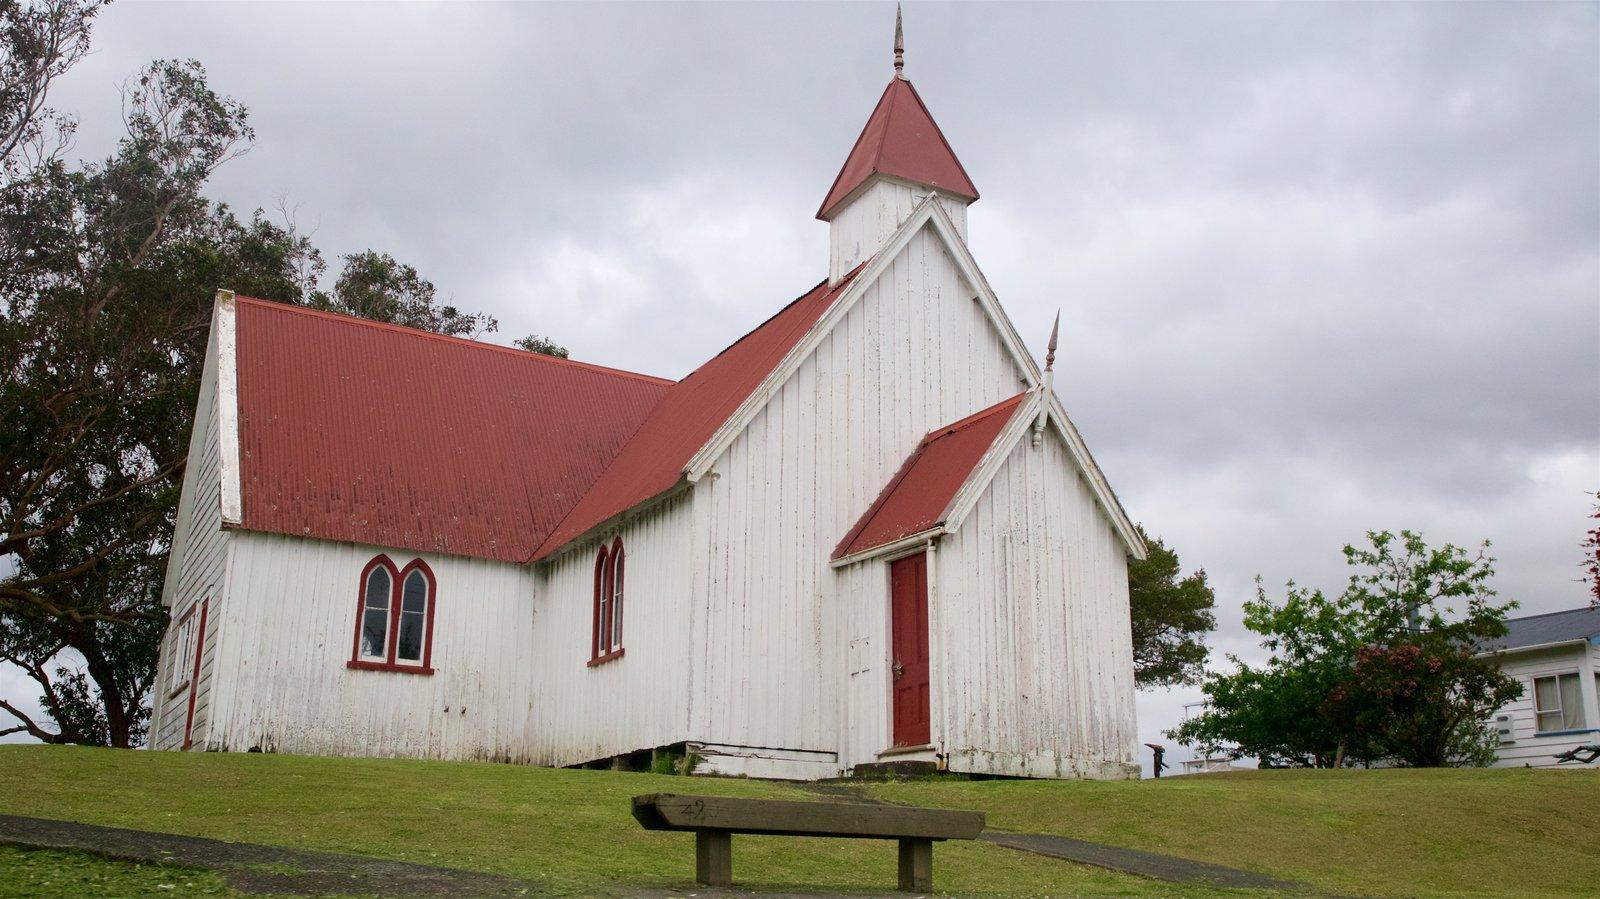 Rawene mostrando una iglesia o catedral y elementos del patrimonio